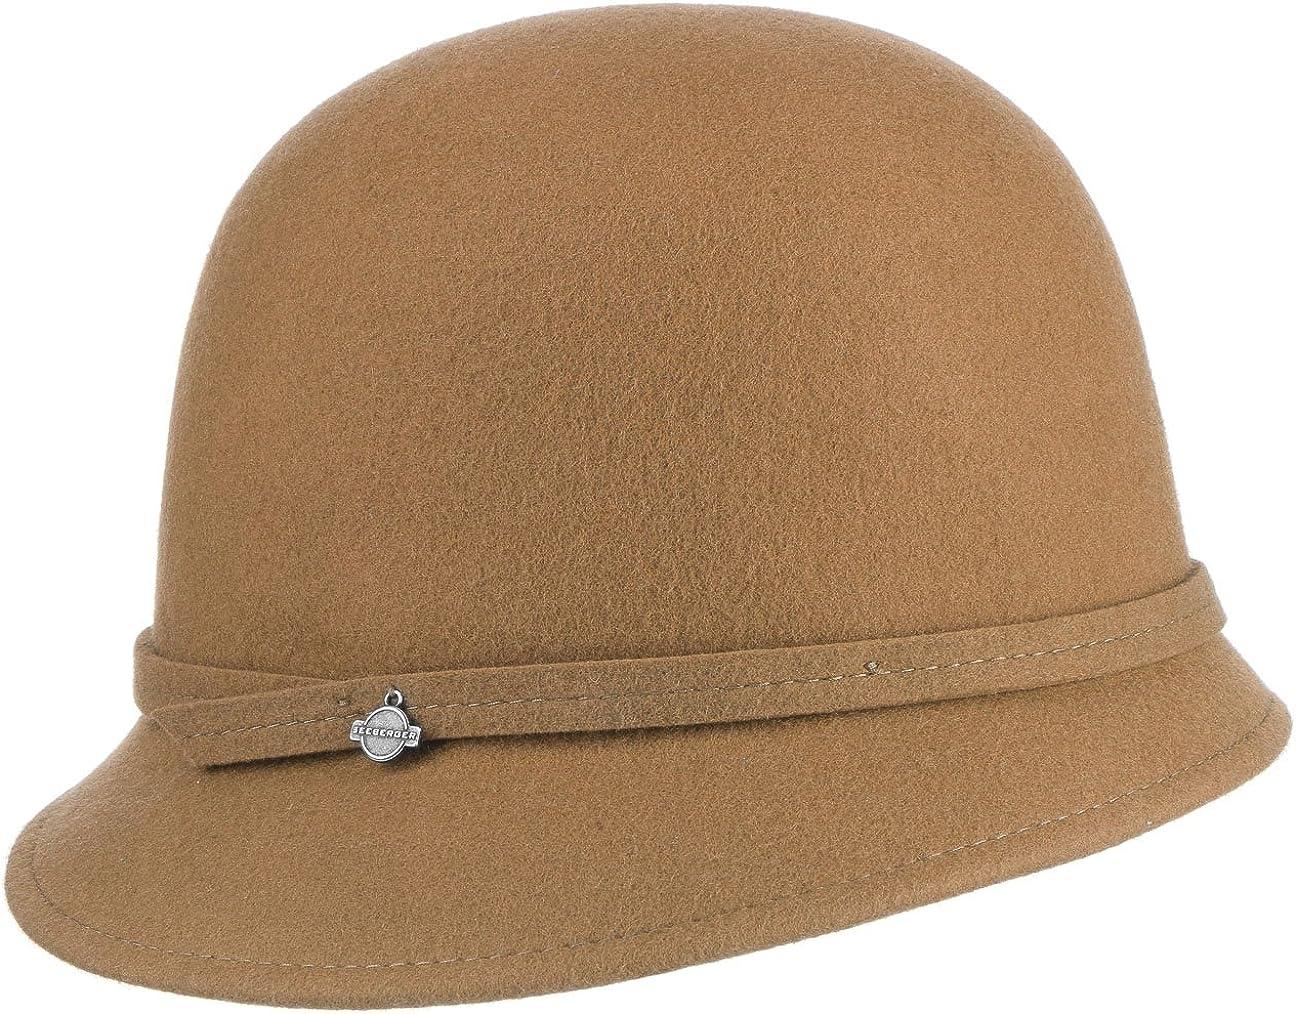 Fiebig Glocke Wollfilz schwarz Damen Hut Winter Charleston Hüte Filzhut